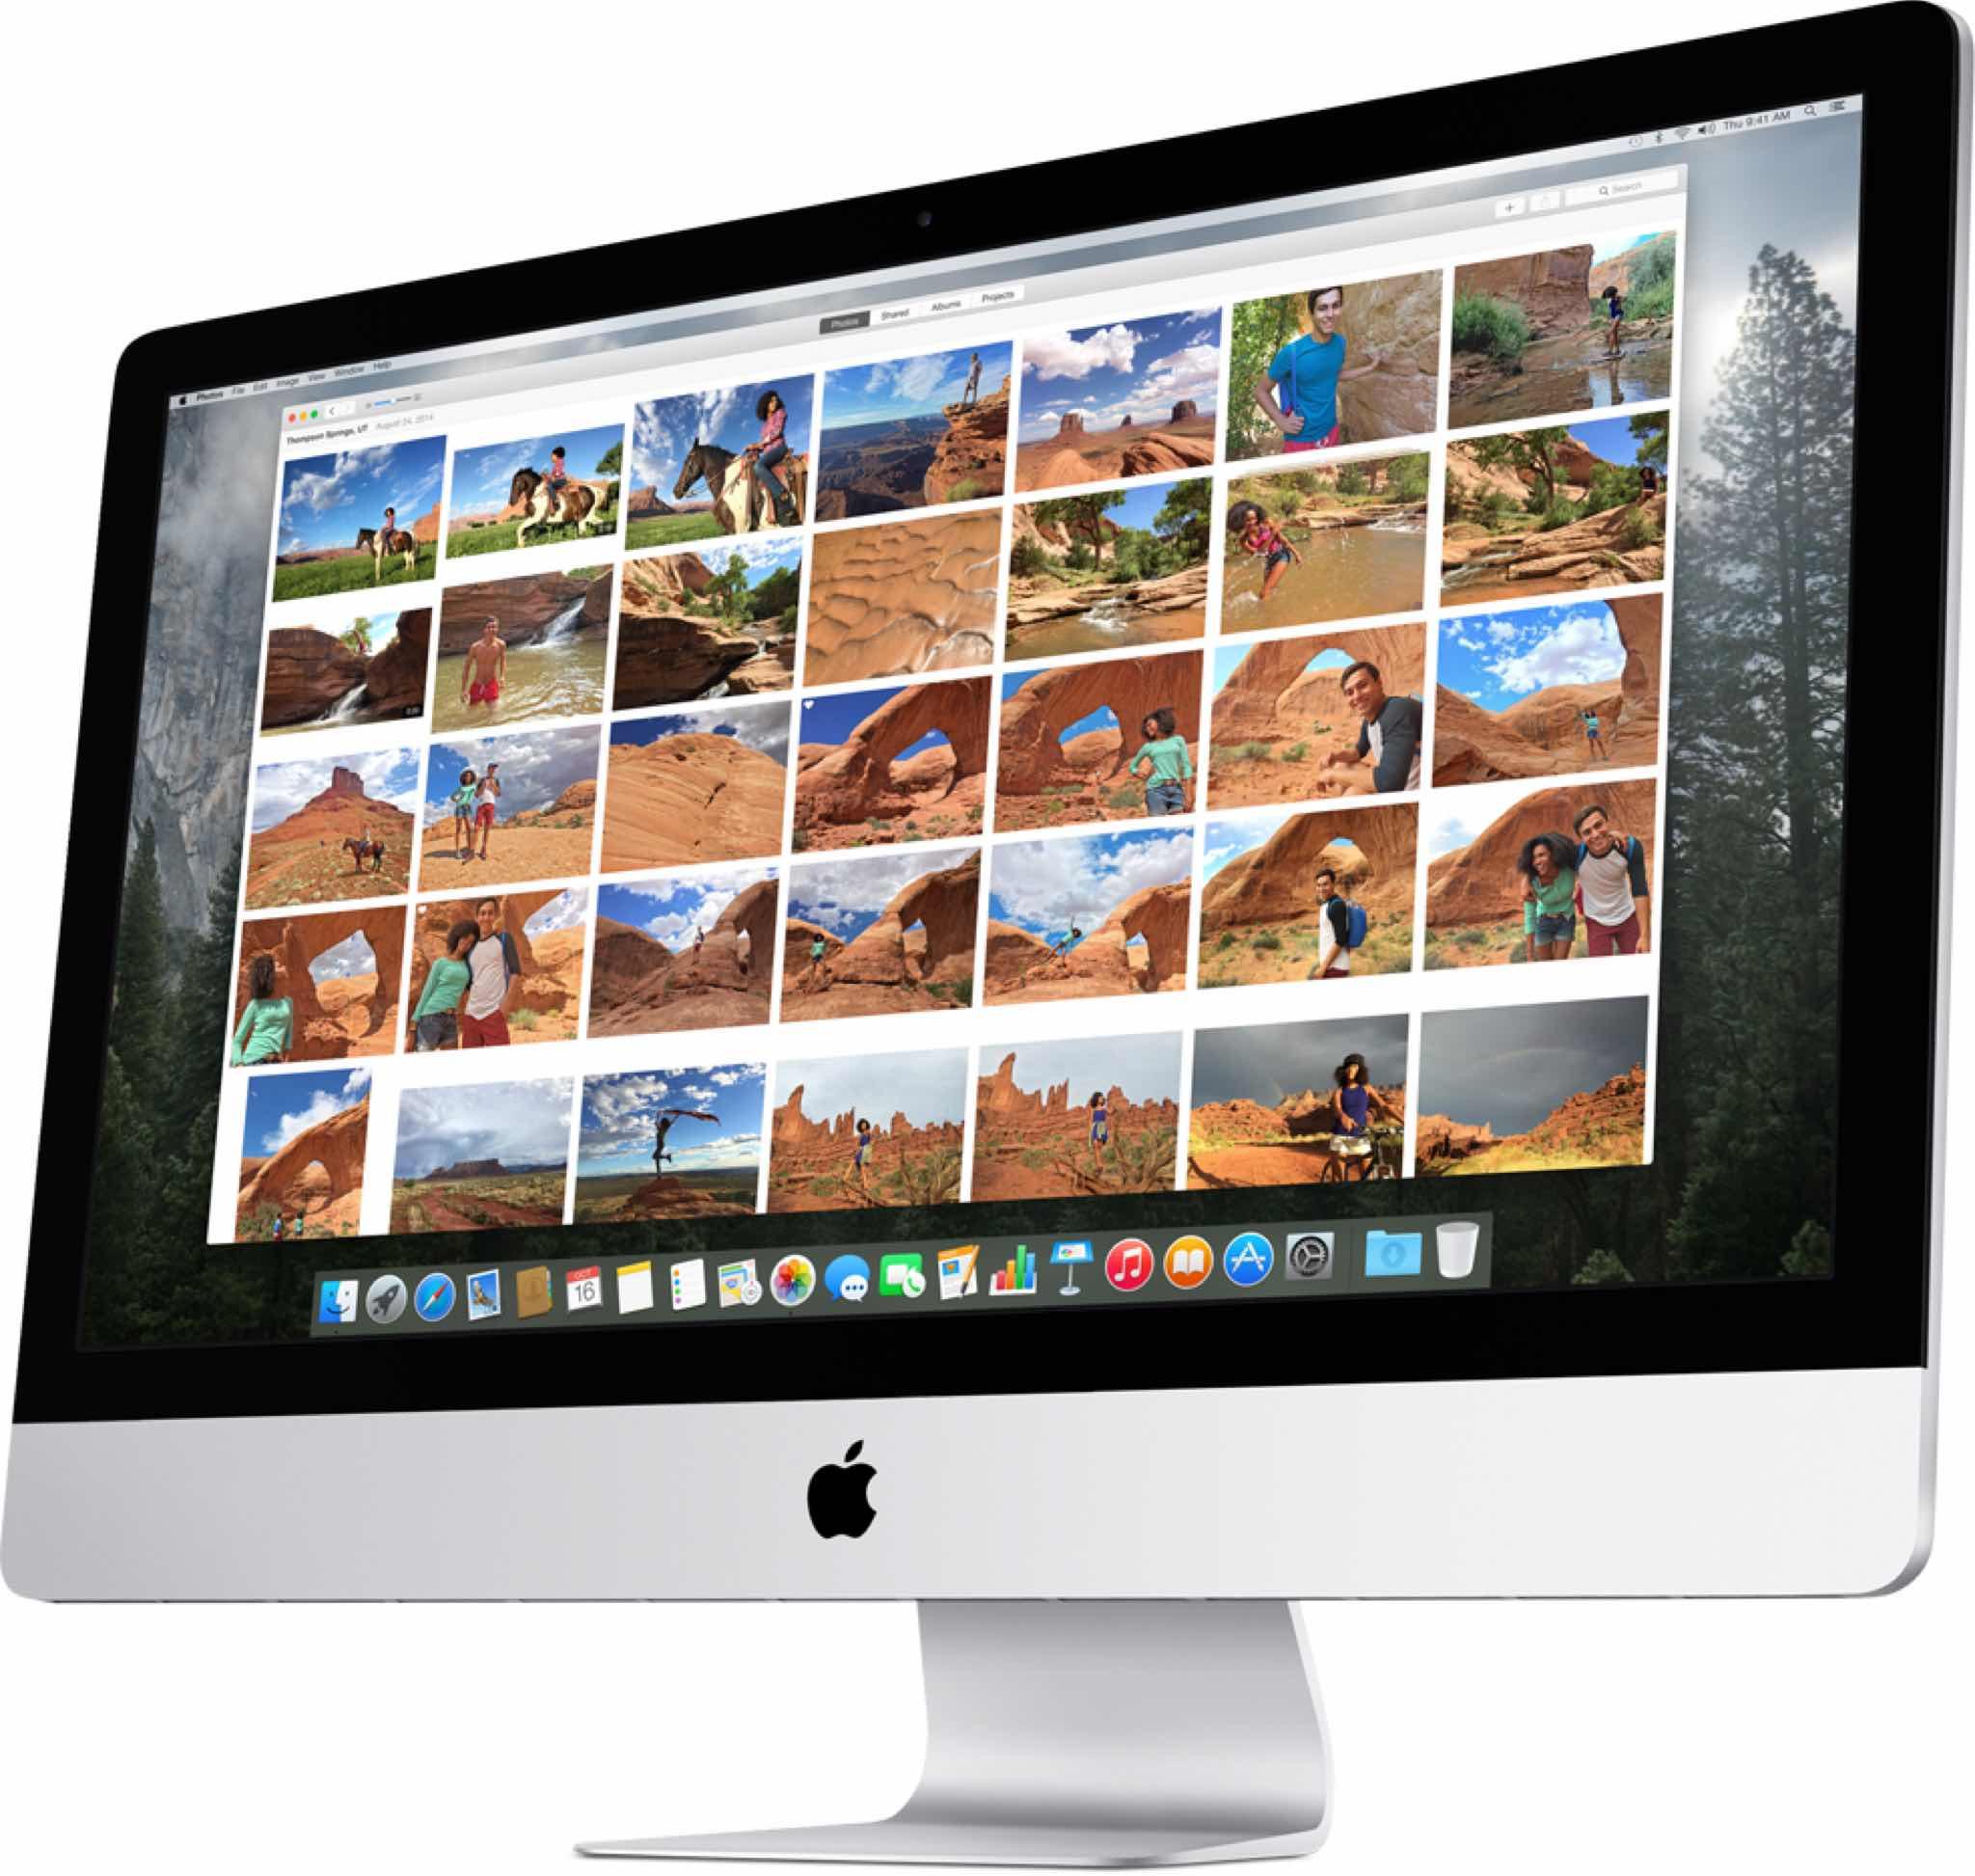 Apple проверяет загружаемые пользователями фотографии на предмет законности